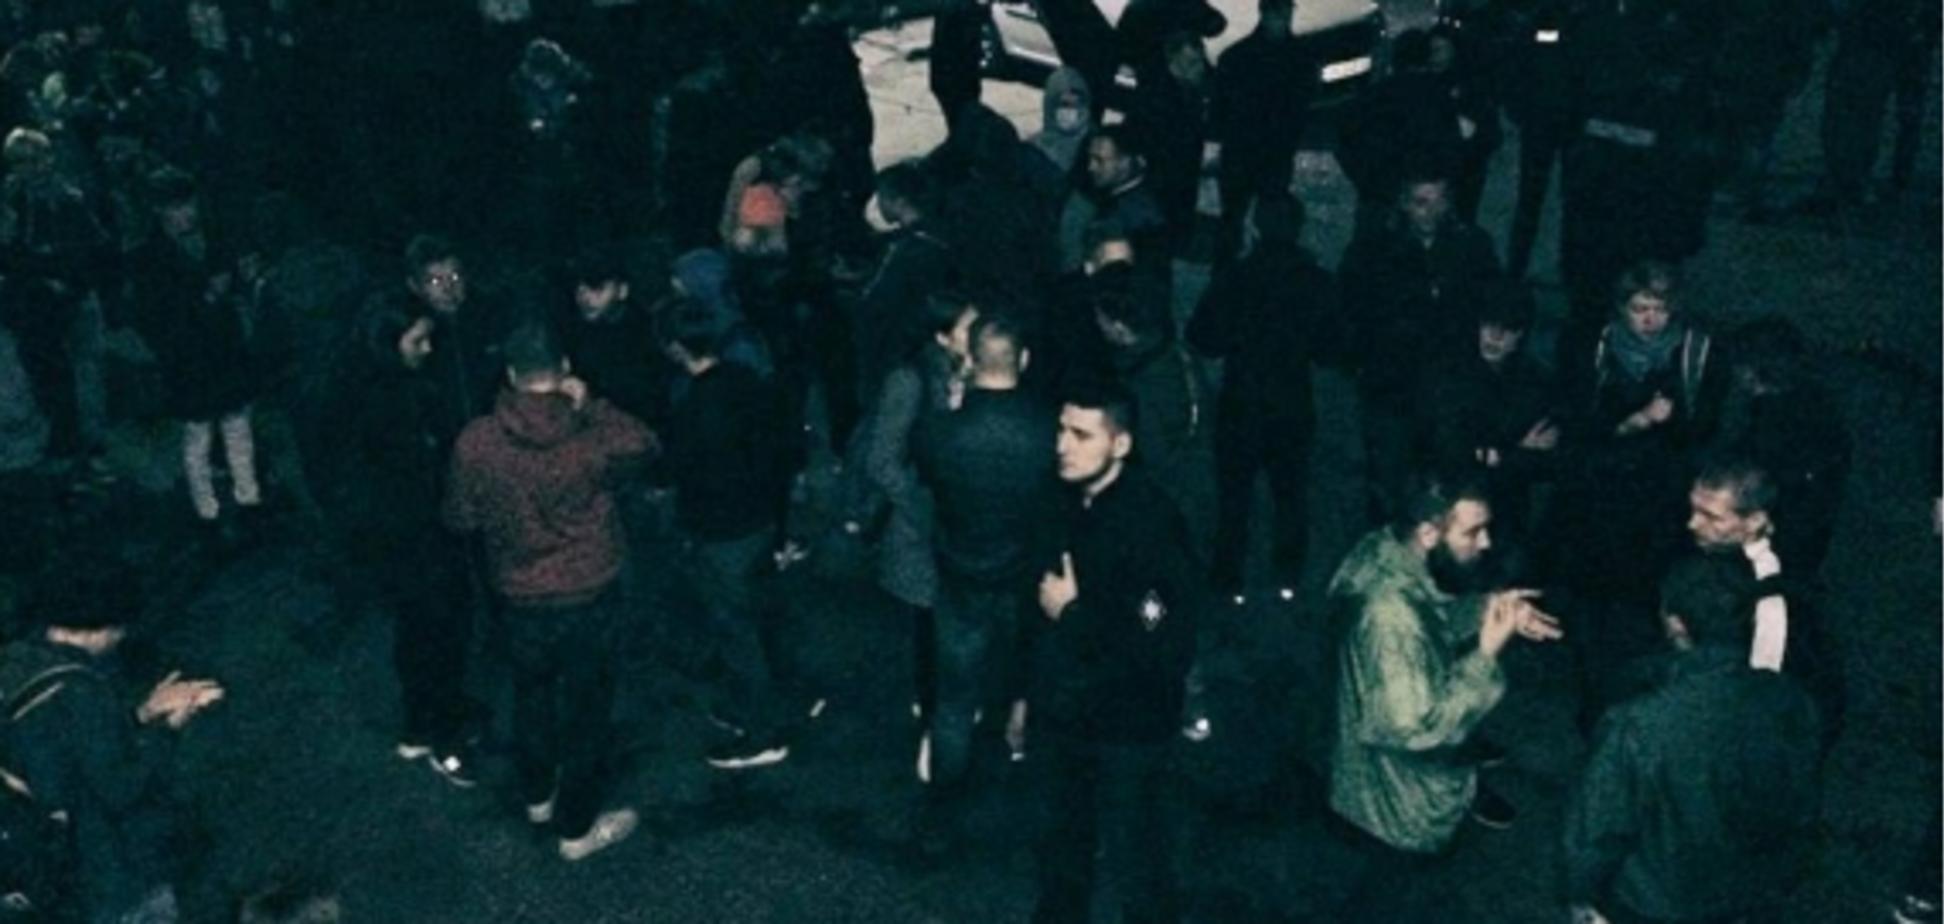 ''Не допустимо пропаганди дегенеративних ідей'': у Харкові зірвали ЛГБТ-захід